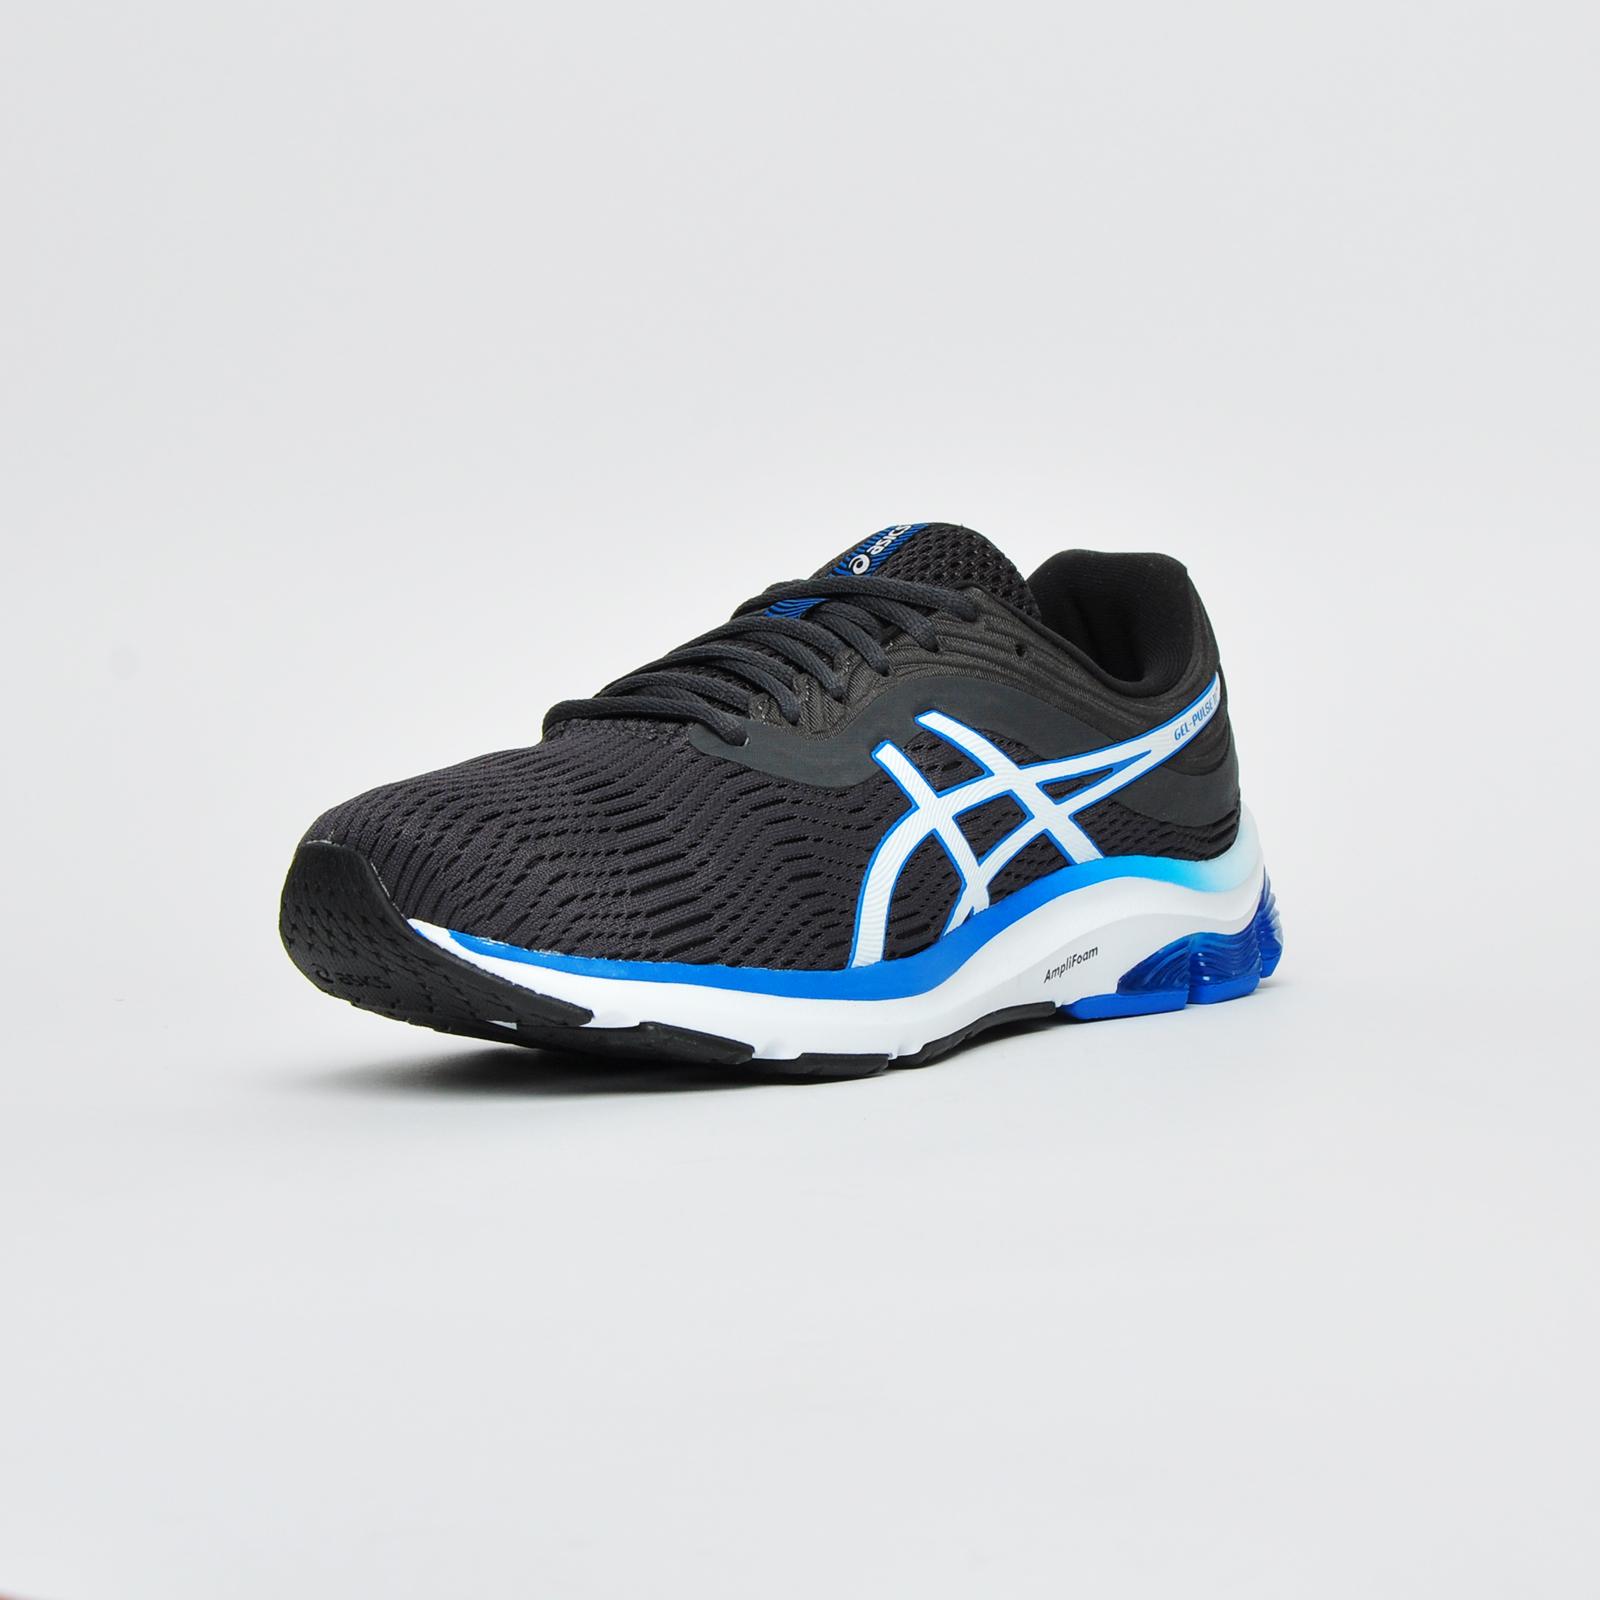 Neu Detalles de Asics gel pulse 9 GTX Hombre corre zapatos